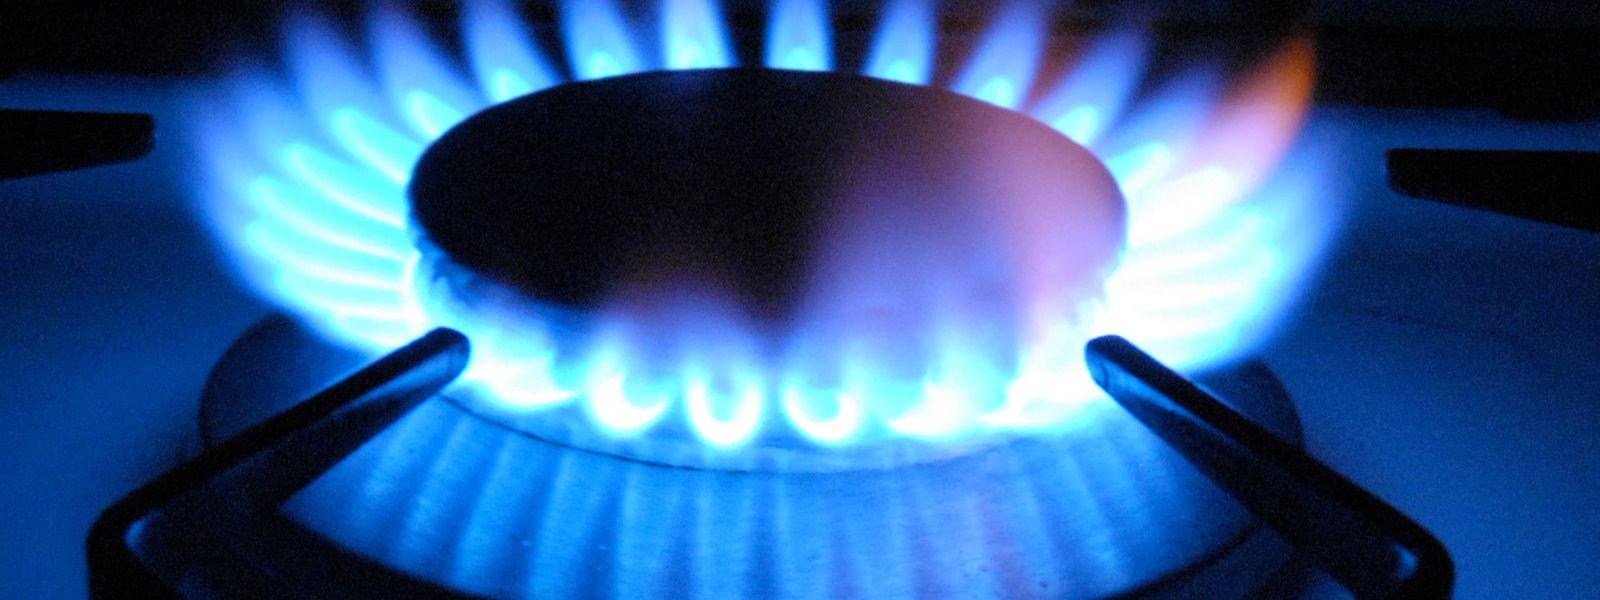 Die Gaspreise sind in Großbritannien seit Jahresbeginn um 250 Prozent gestiegen.